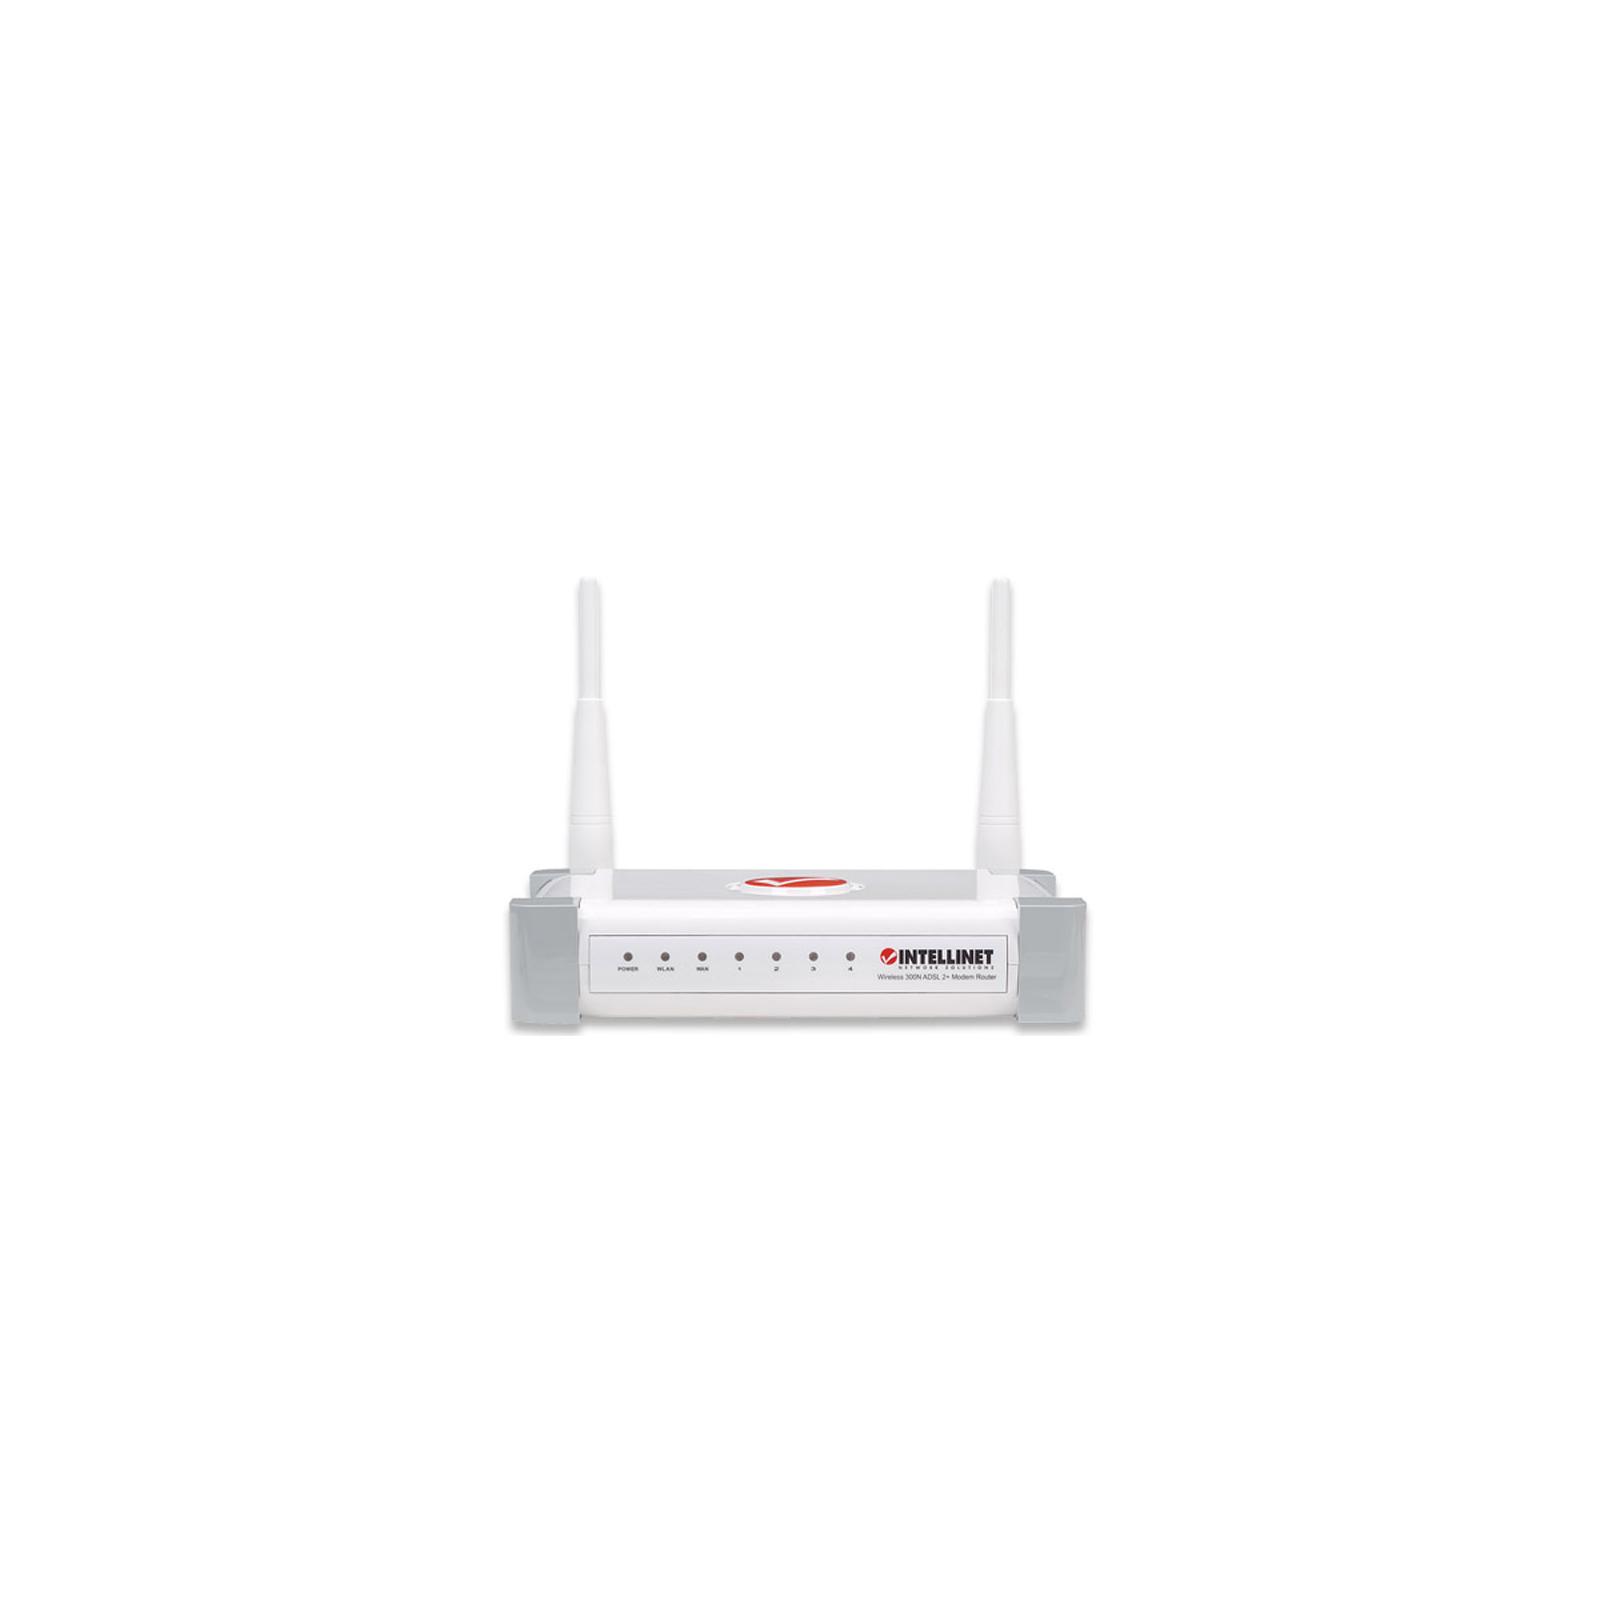 Маршрутизатор Intellinet 300N ADSL2+ Modem Route изображение 2